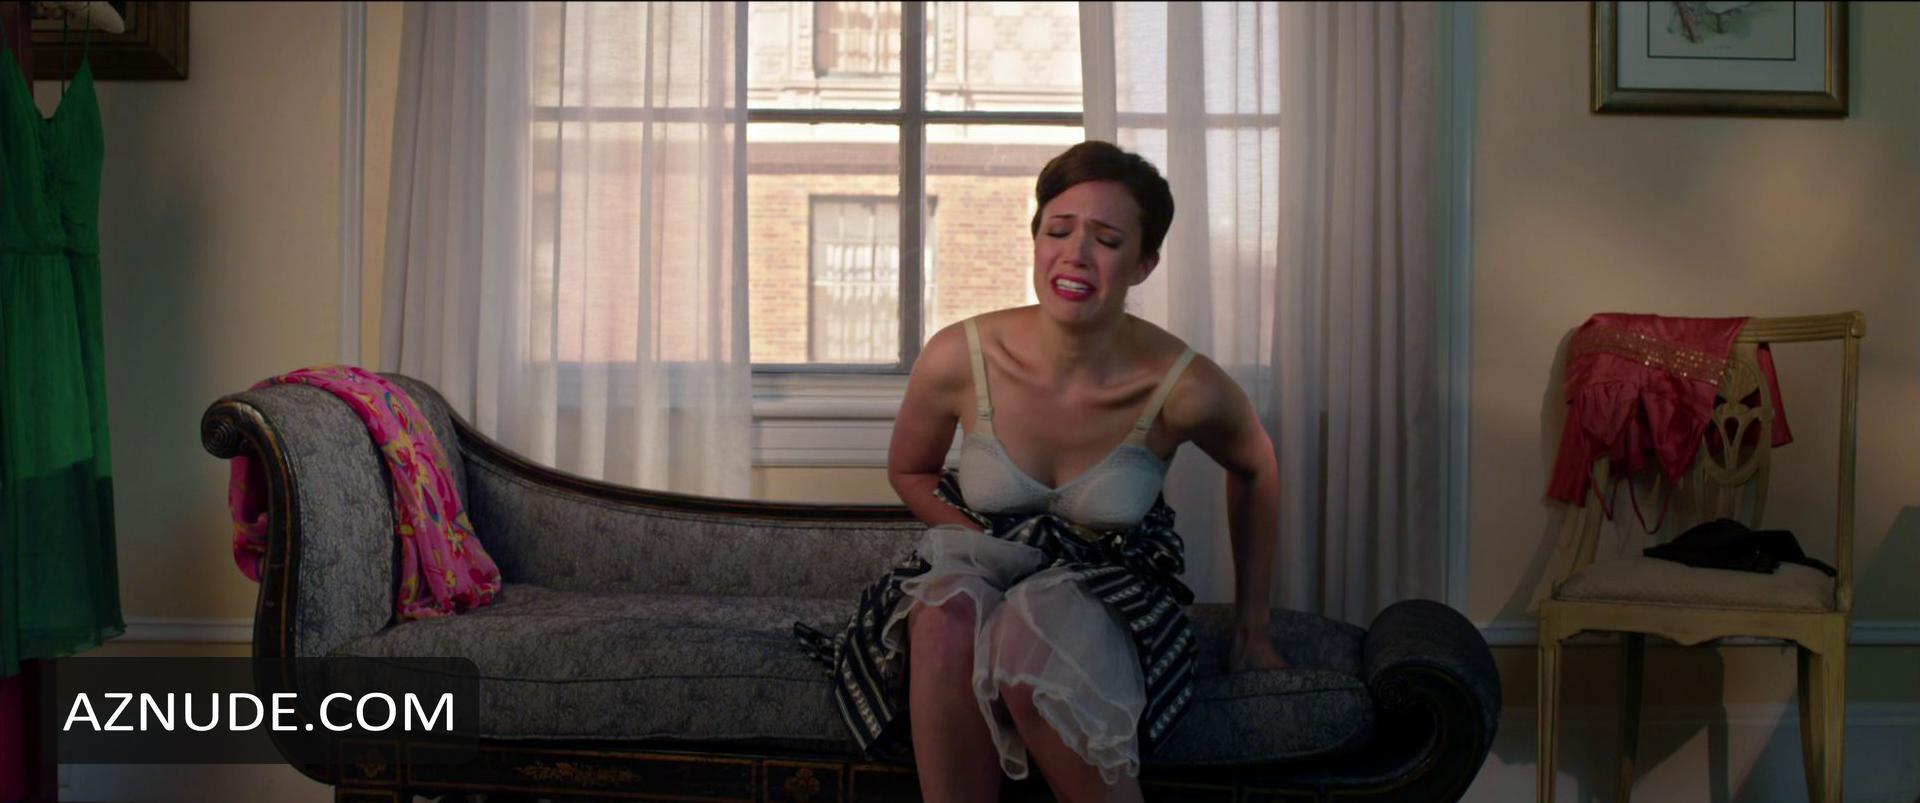 Adele Stevens Kellie Marie Lesbian Video